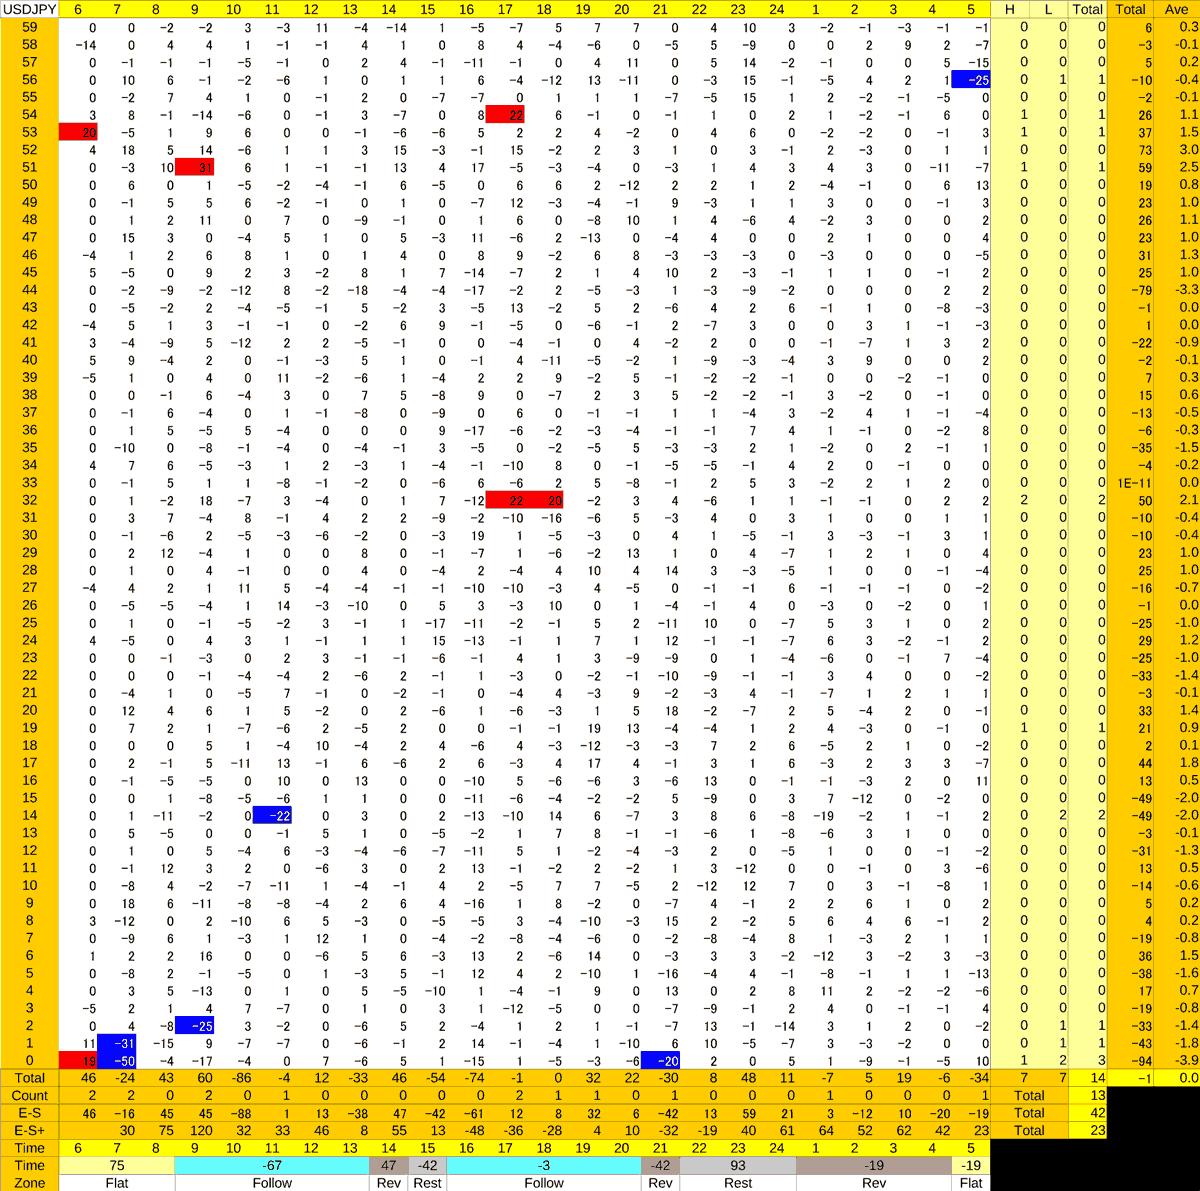 20200907_HS(1)USDJPY